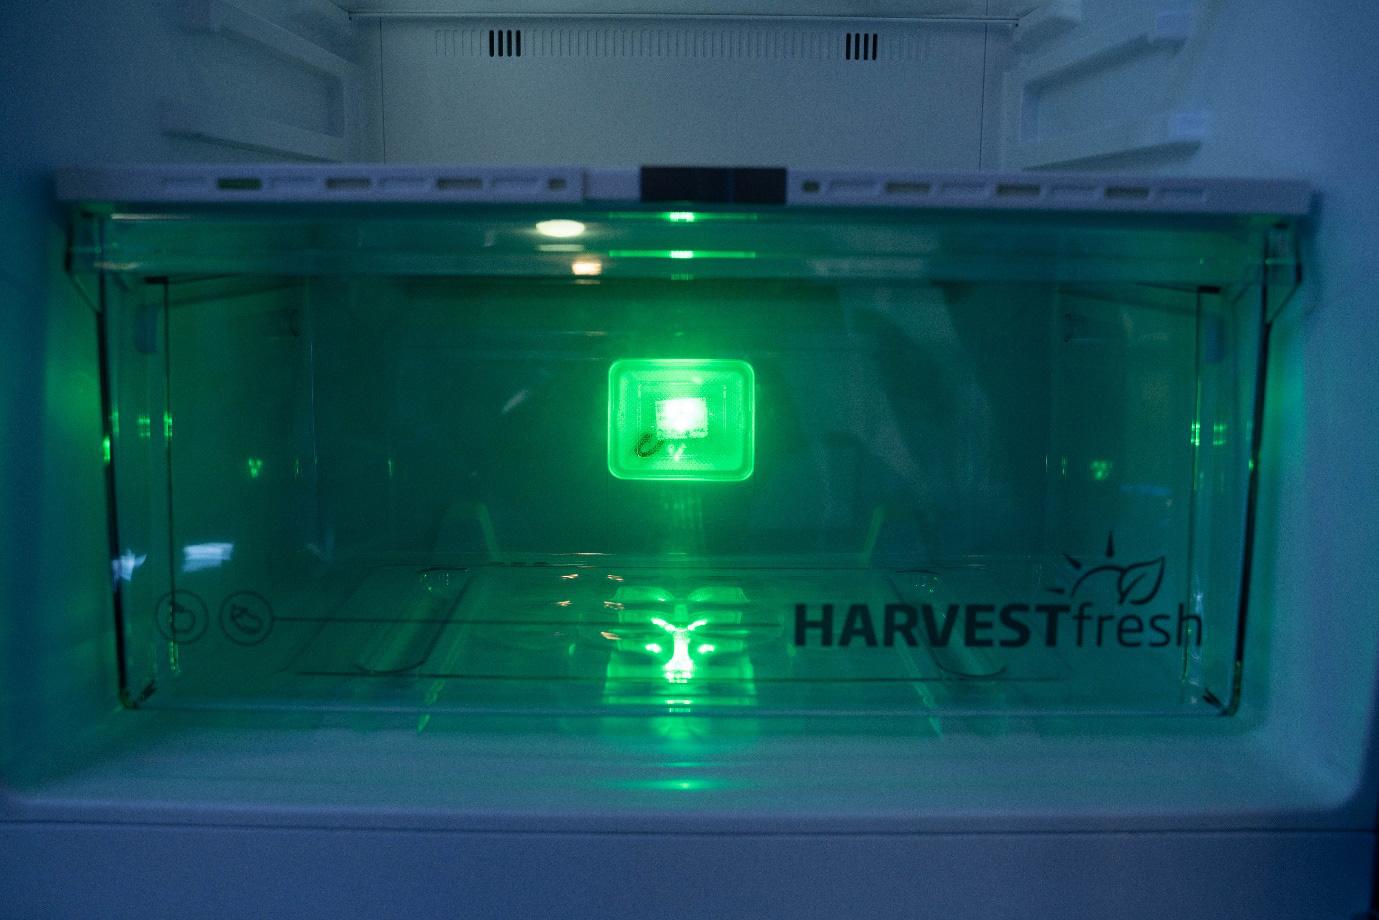 Bí kíp bảo quản rau củ tươi ngon trong tủ lạnh không thể bỏ qua - Ảnh 2.